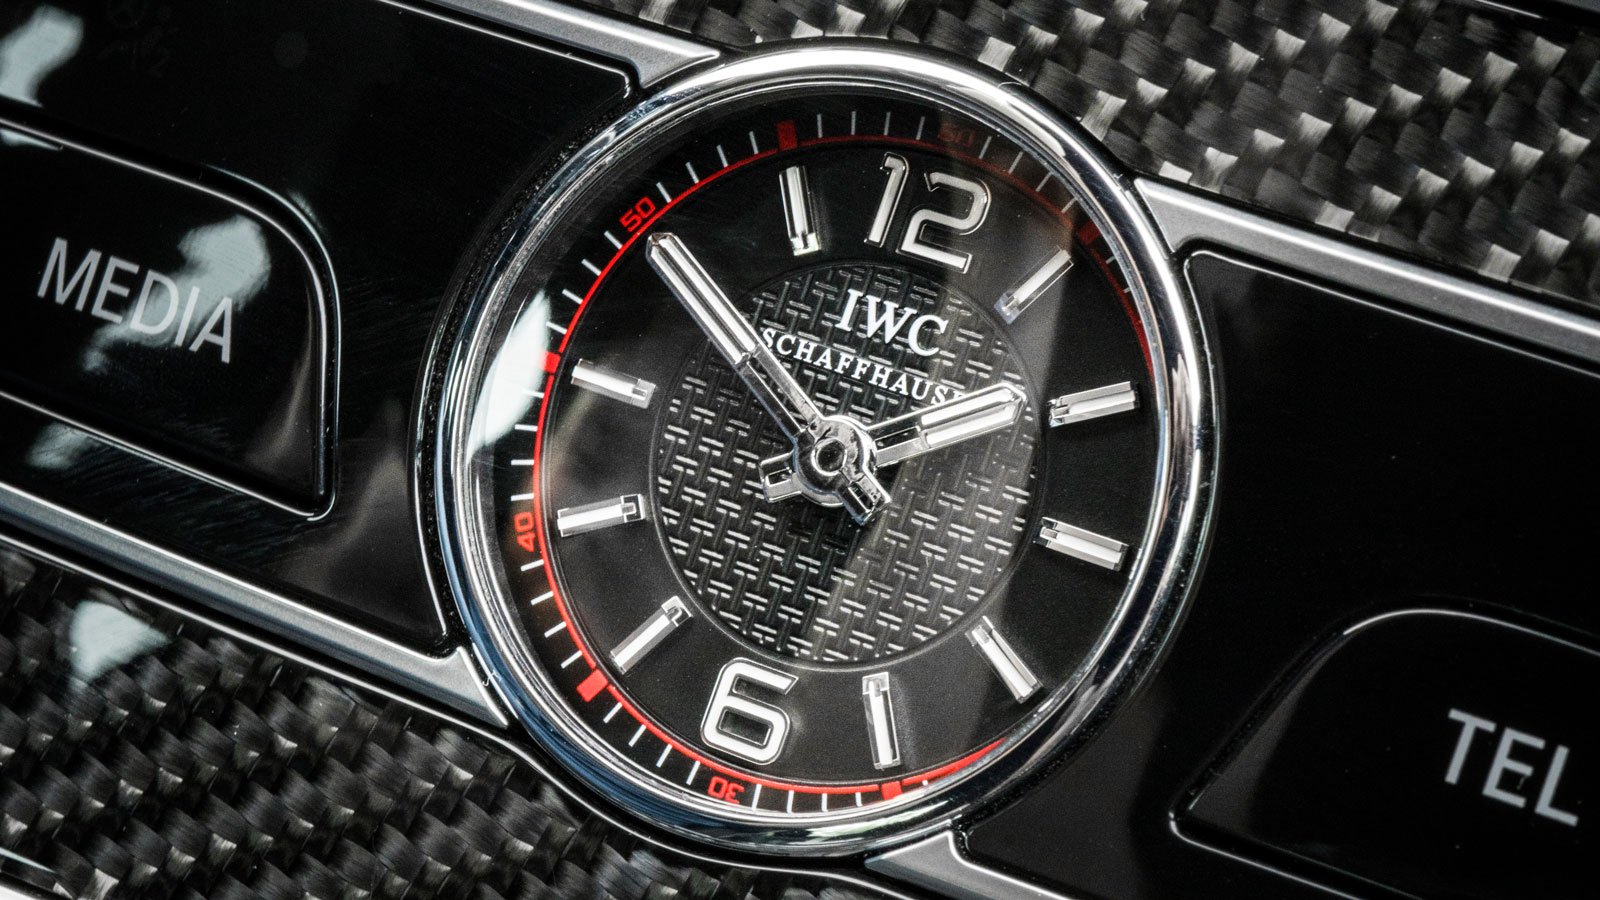 För att ta en detaljbild på IWC klockan i E63s AMG användes ett macroobjektiv.